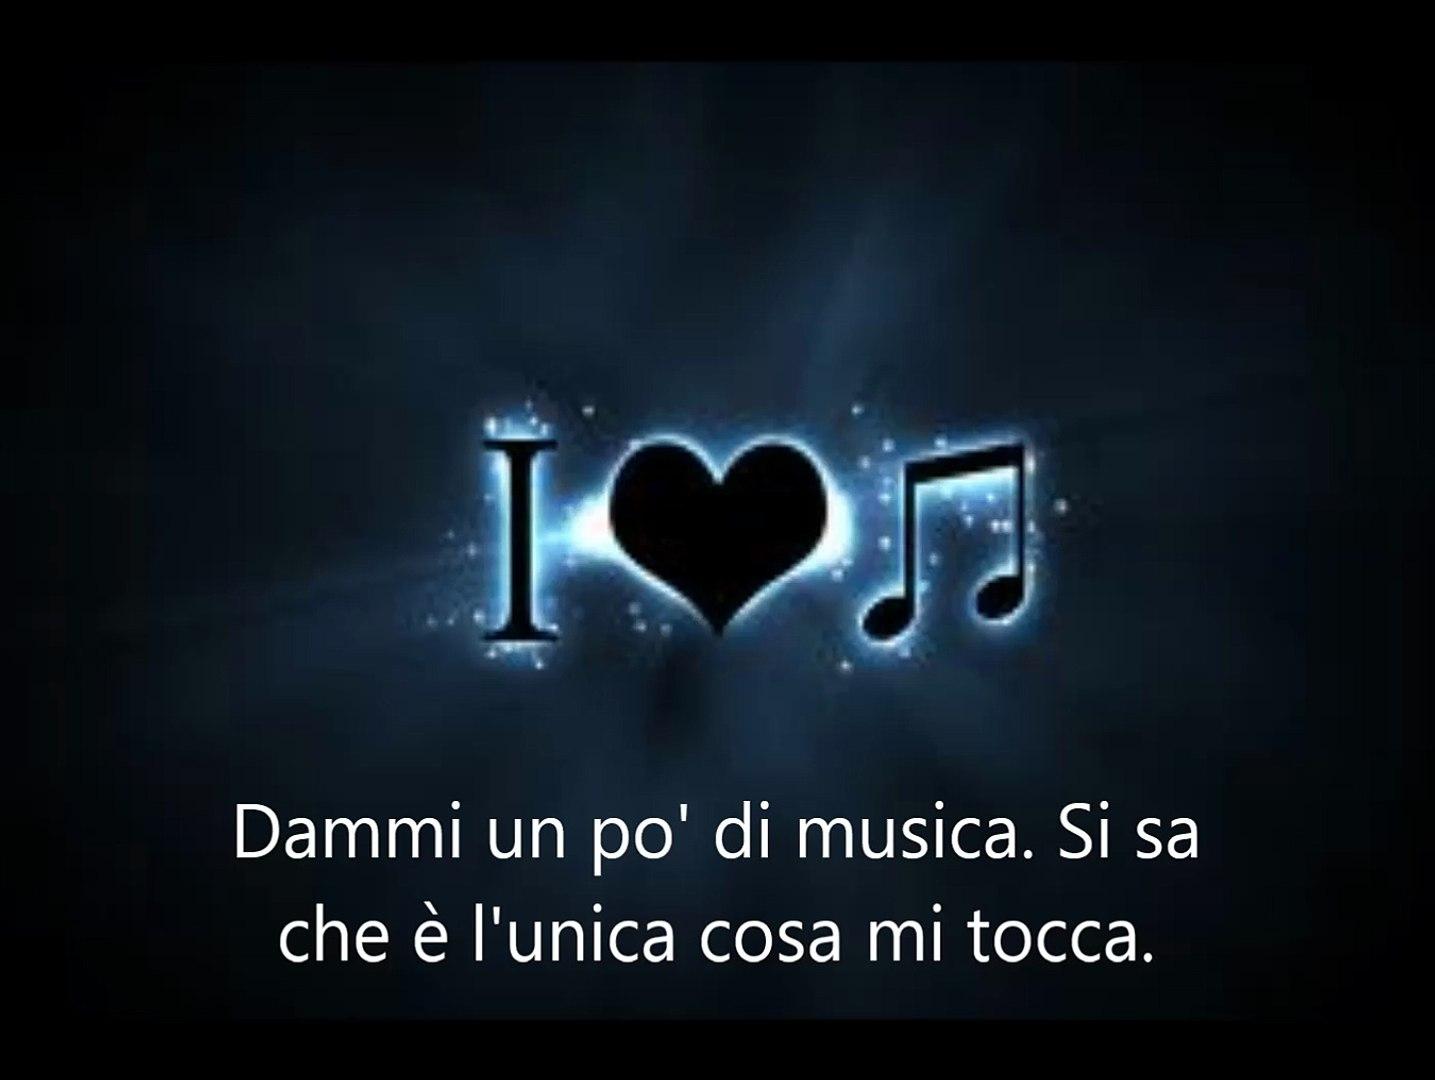 La musica!